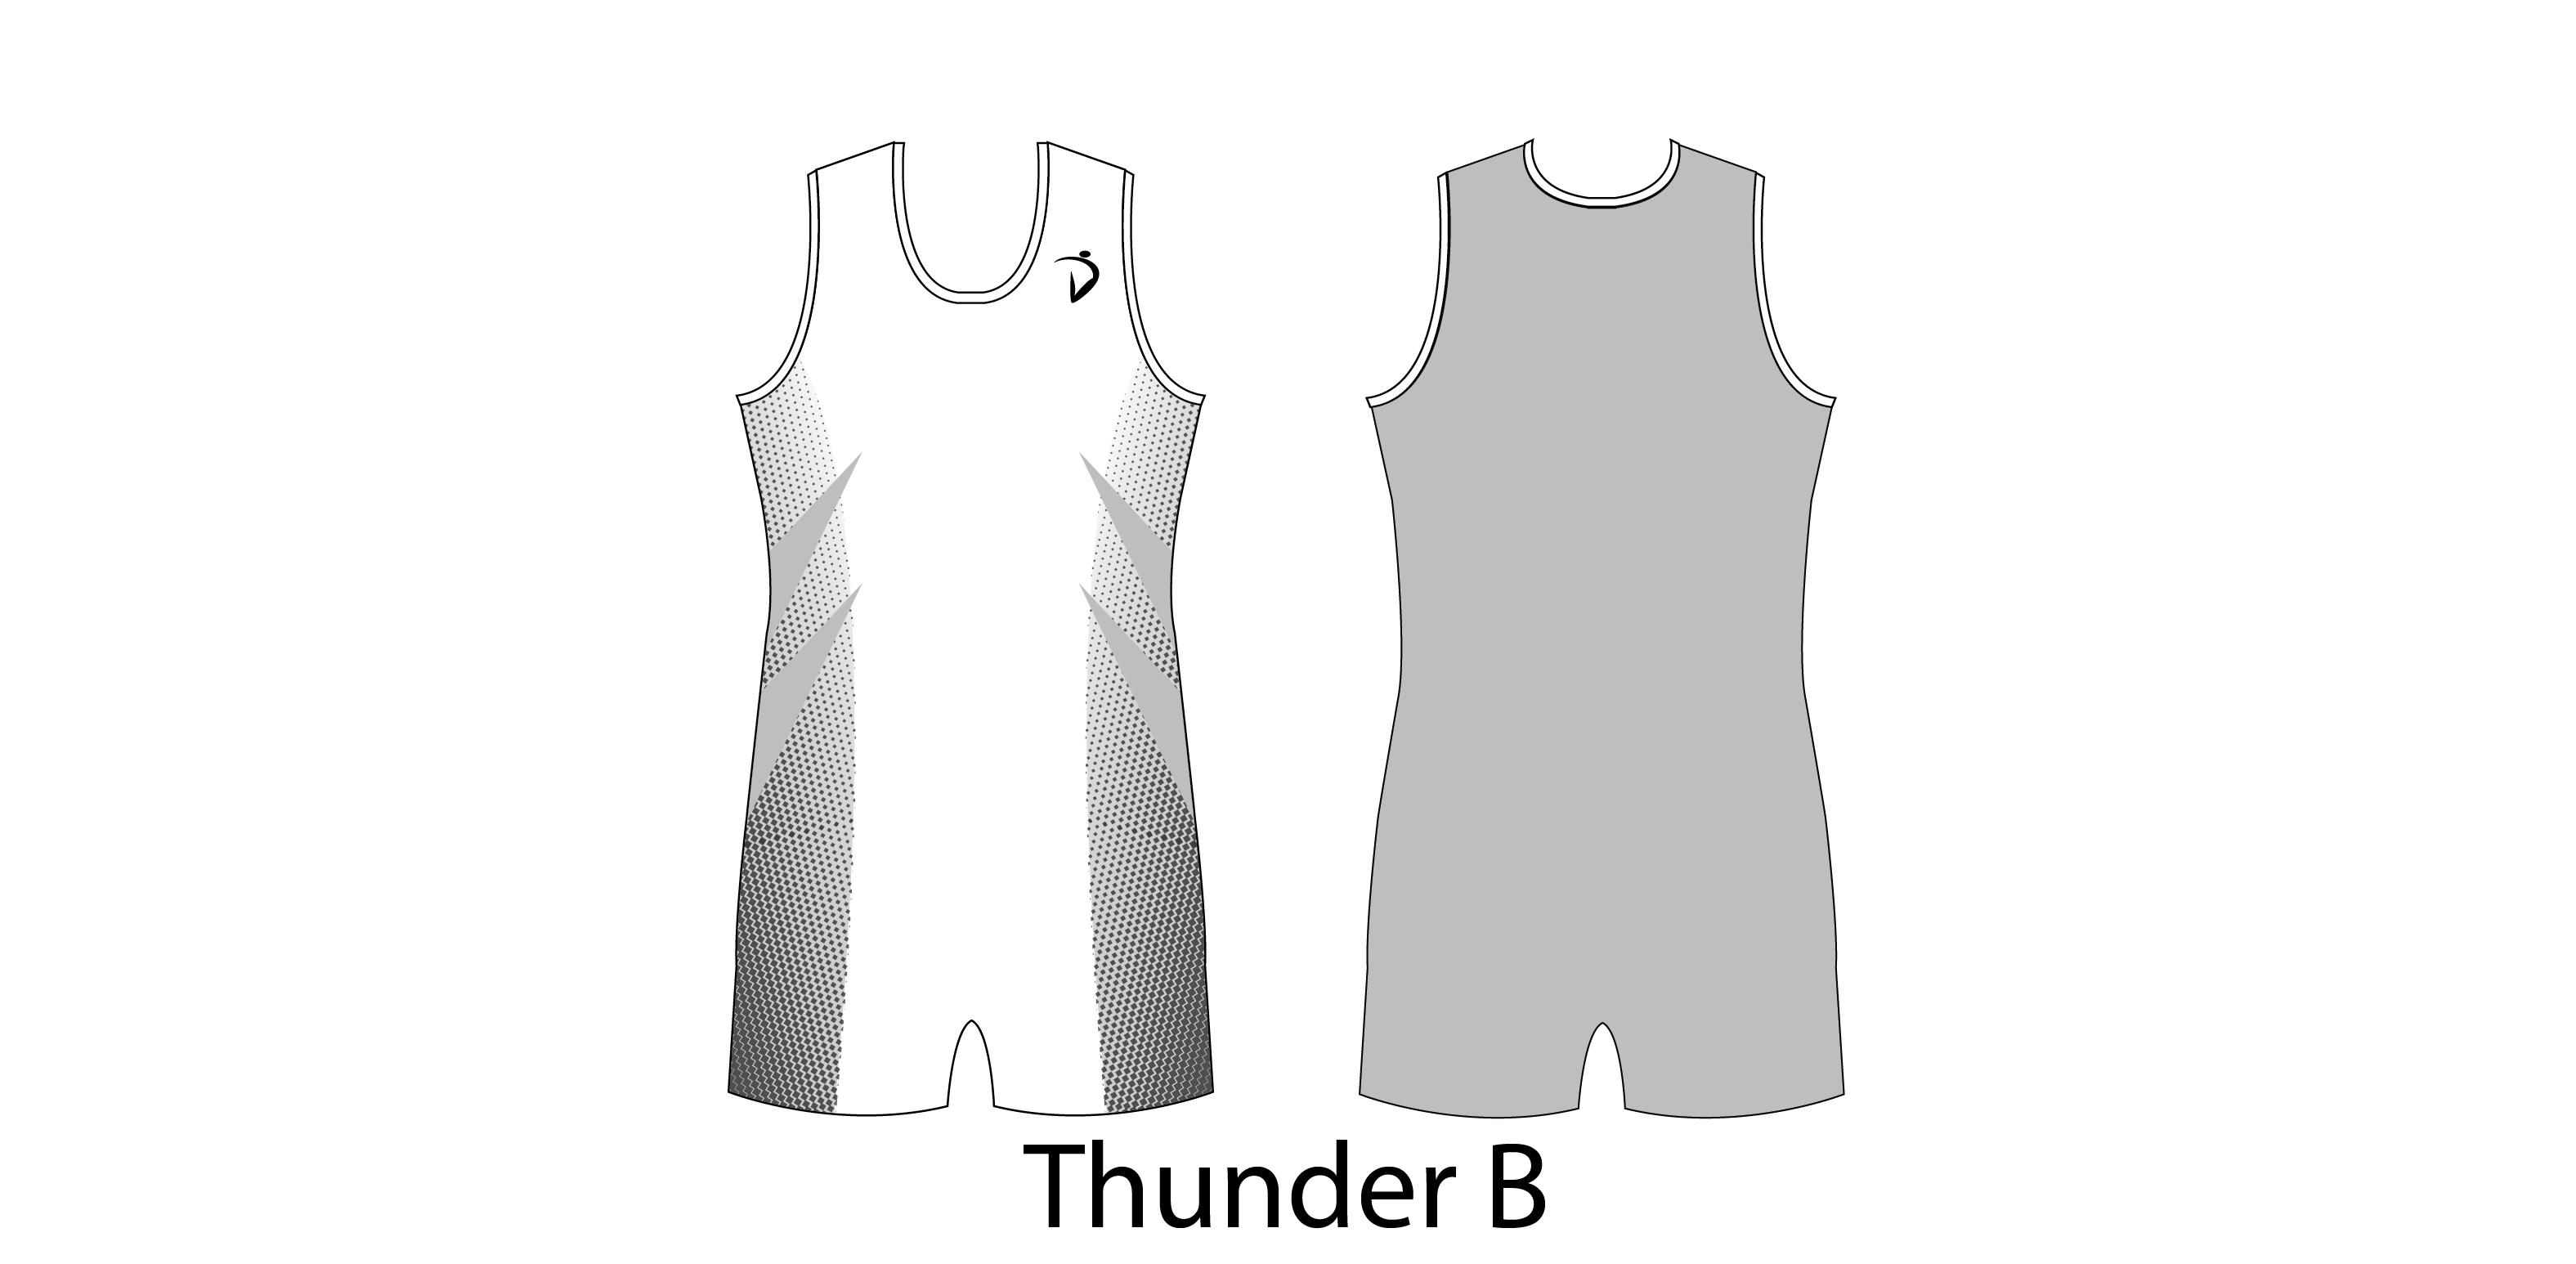 Thunder B